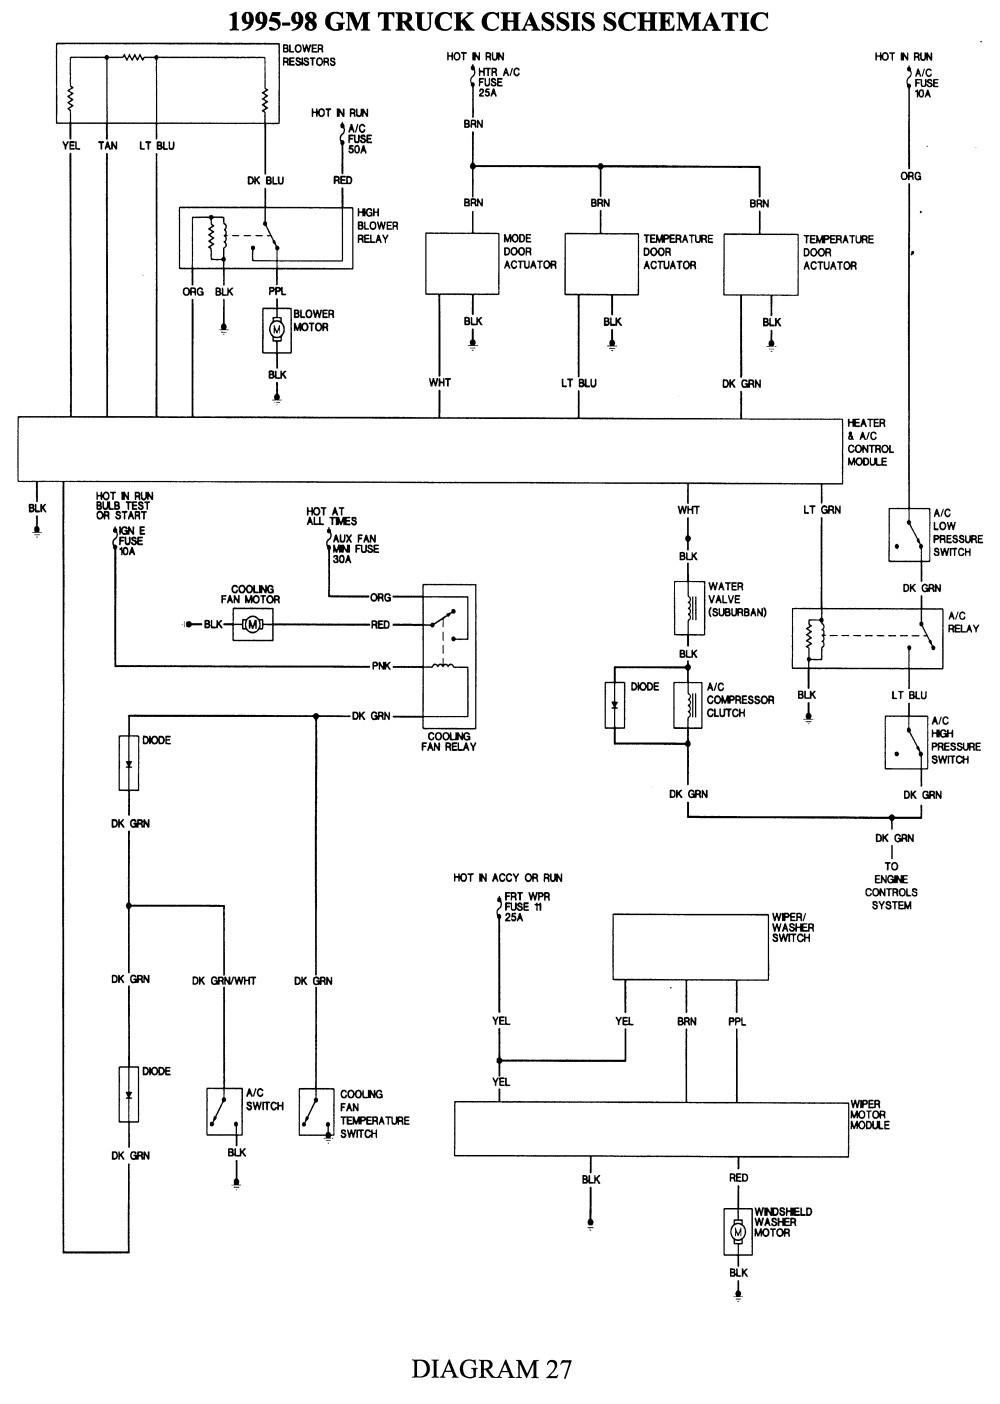 2006 chevy trailer wiring diagram yw 3505  mfi trailer wiring diagram free diagram  yw 3505  mfi trailer wiring diagram